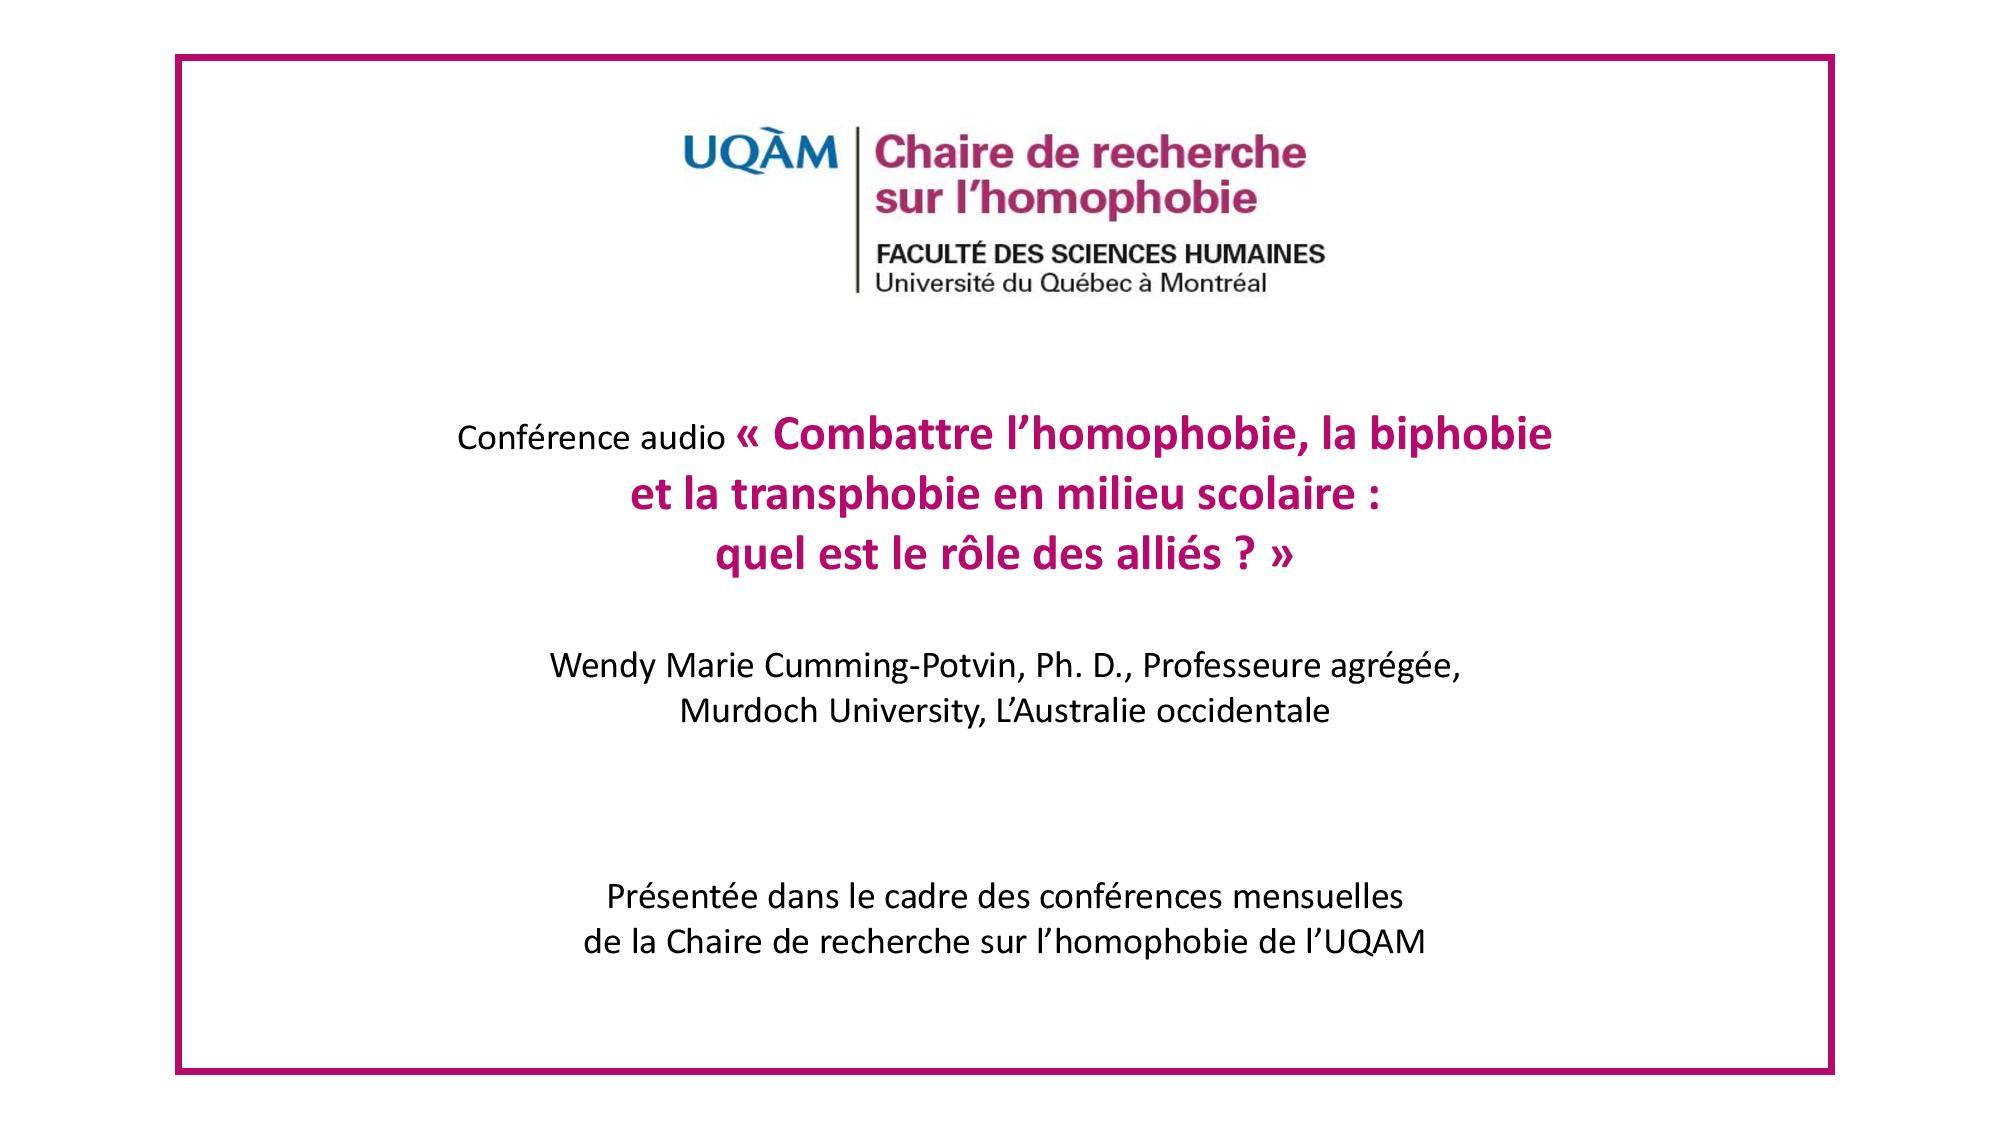 Conférence: «Combattre l'homophobie, la biphobie et la transphobie en milieu scolaire: quel est le rôle des alliés ?»